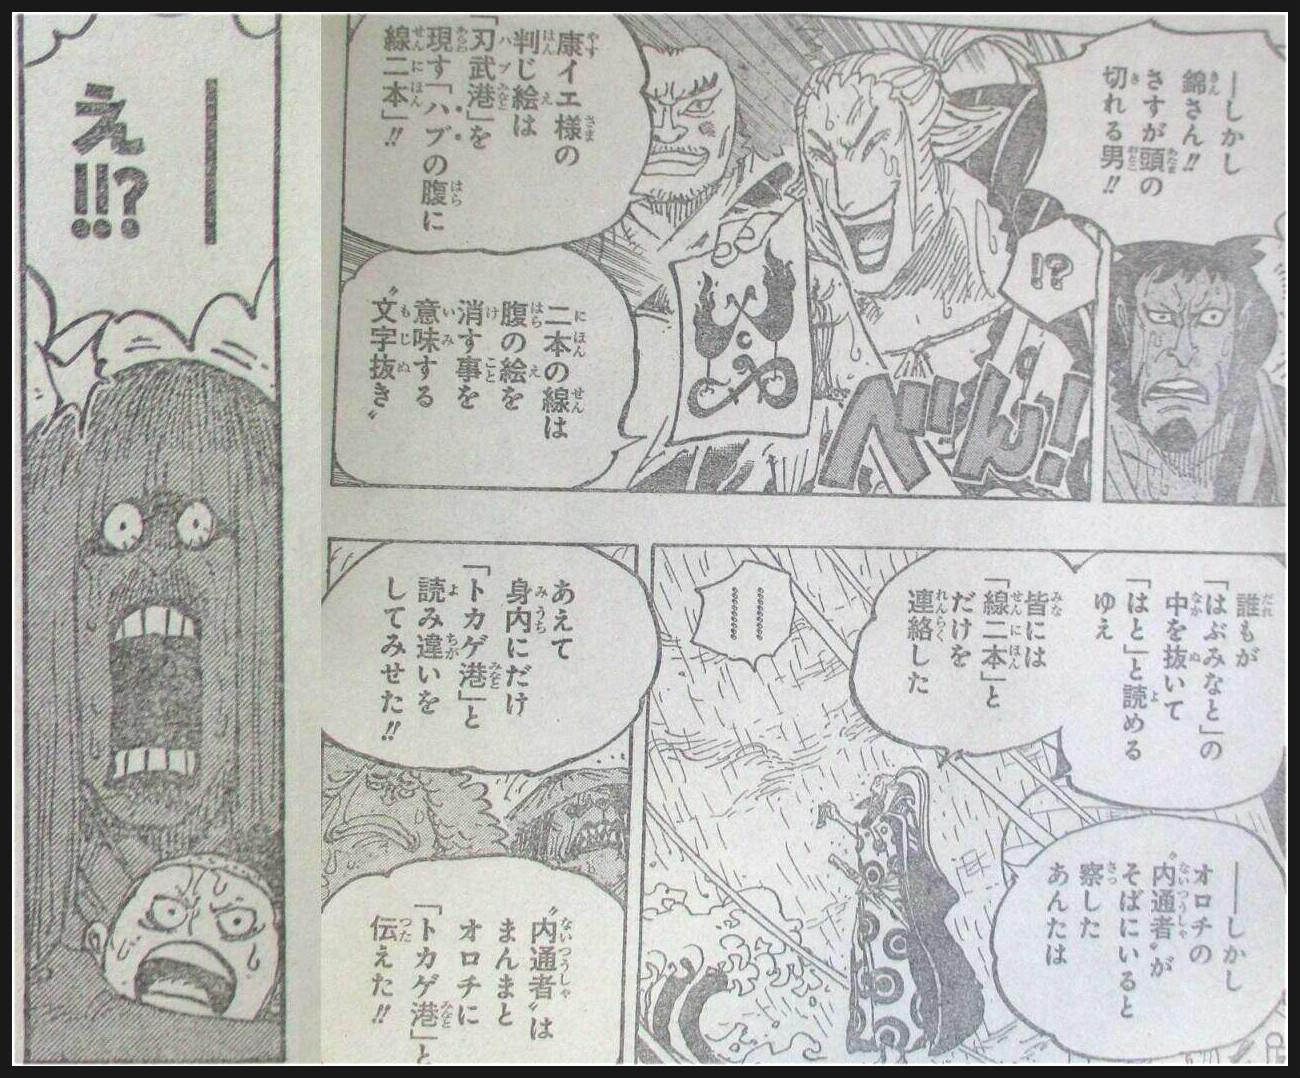 """海贼王975话情报图:传次郎揭晓""""反月牙""""的真相,堪十郎很吃惊_常影"""